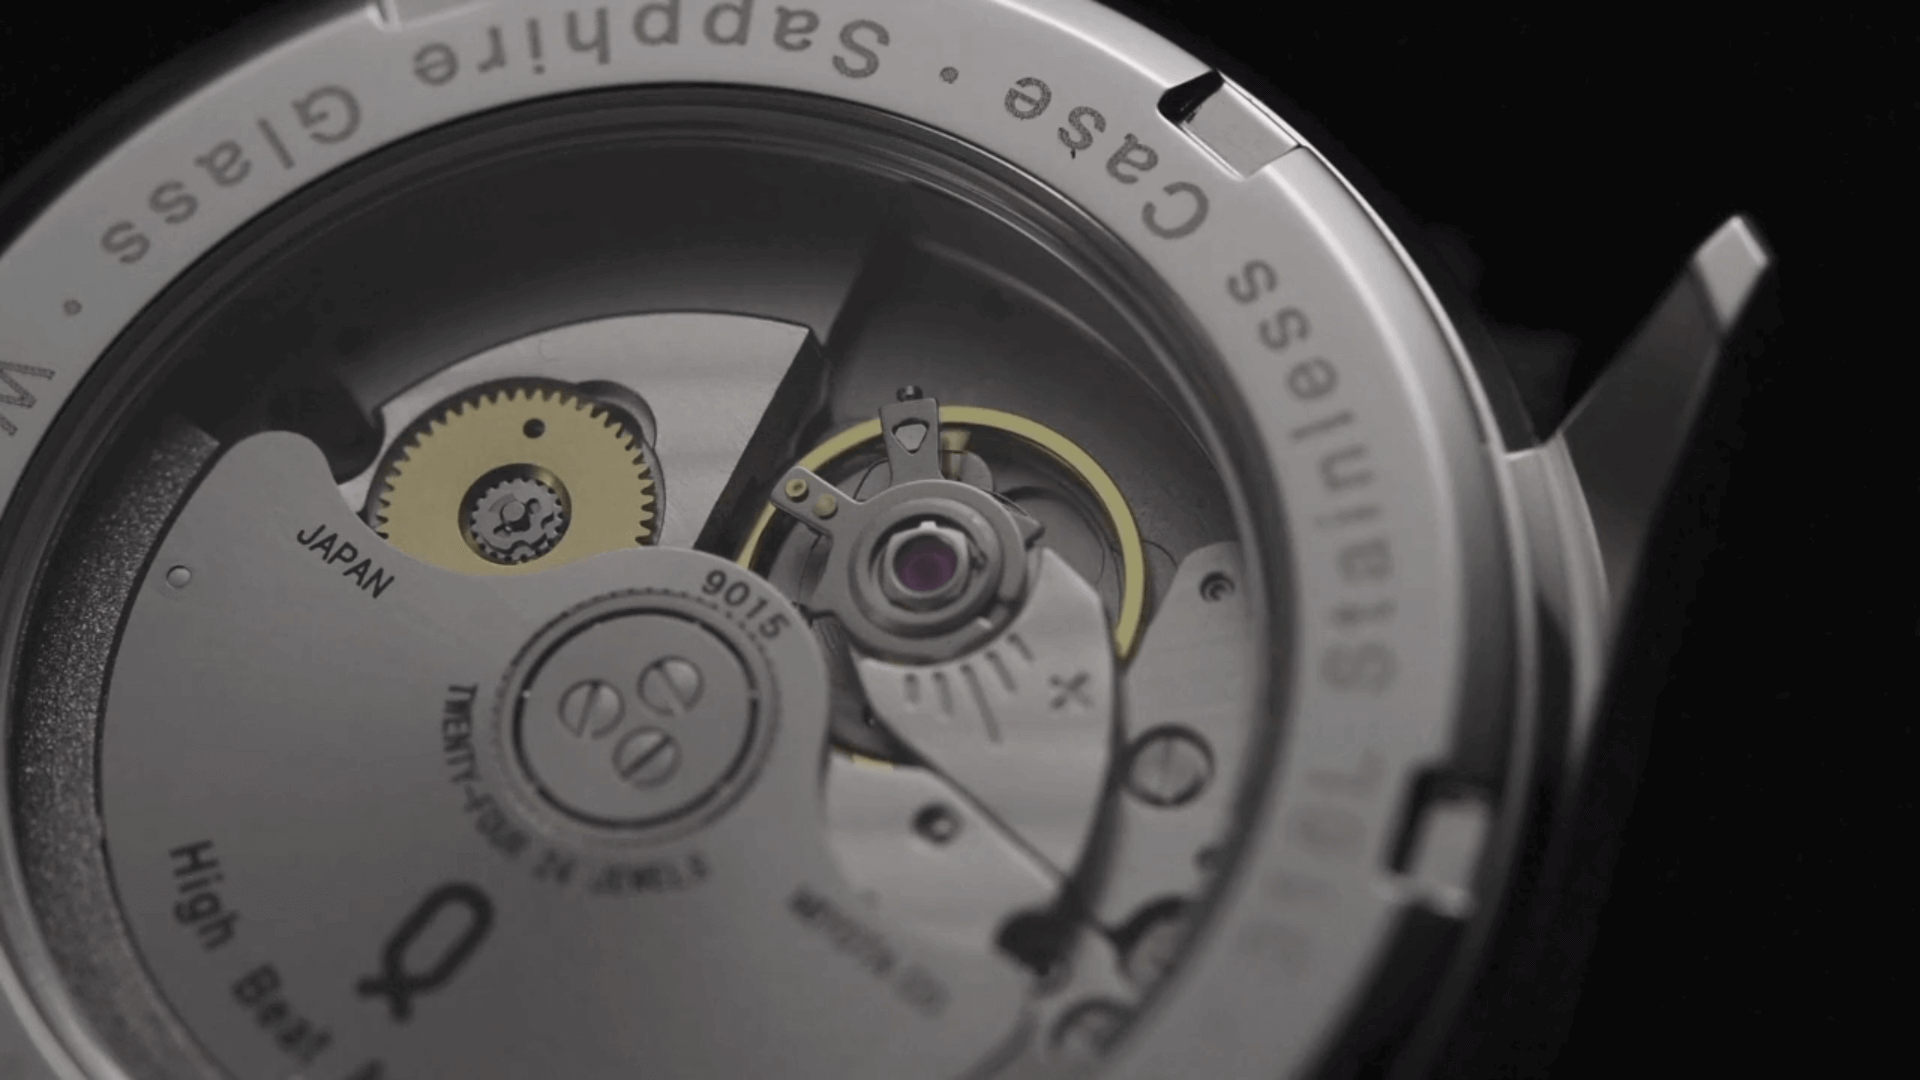 シンプルでコスパ最高な国産腕時計メーカーKnot(ノット)のすすめ  │ 2年間使用レビューとオススメの組み合わせ